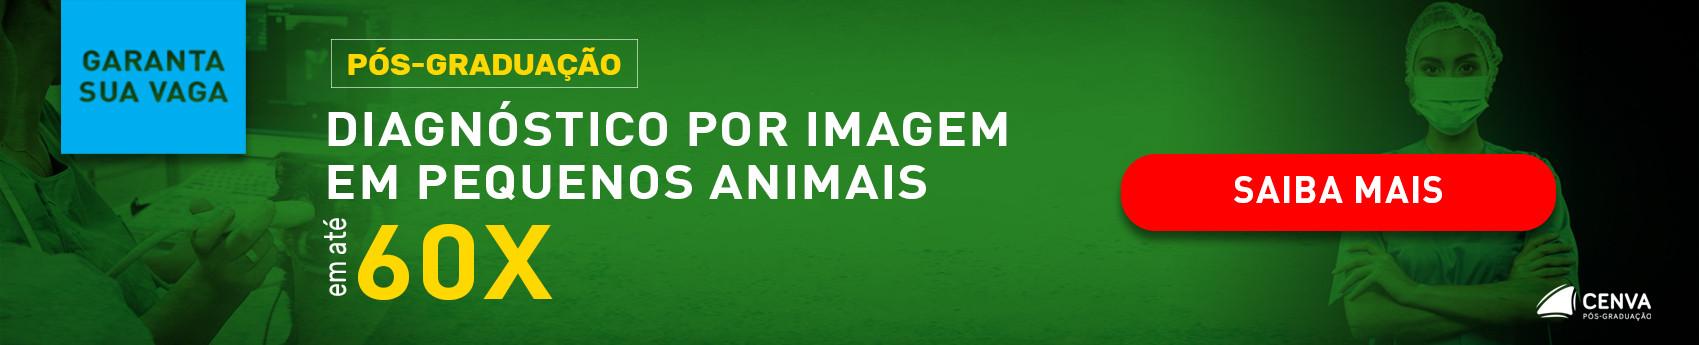 Carrinho Diagnóstico Por imagens em Pequenos Animais